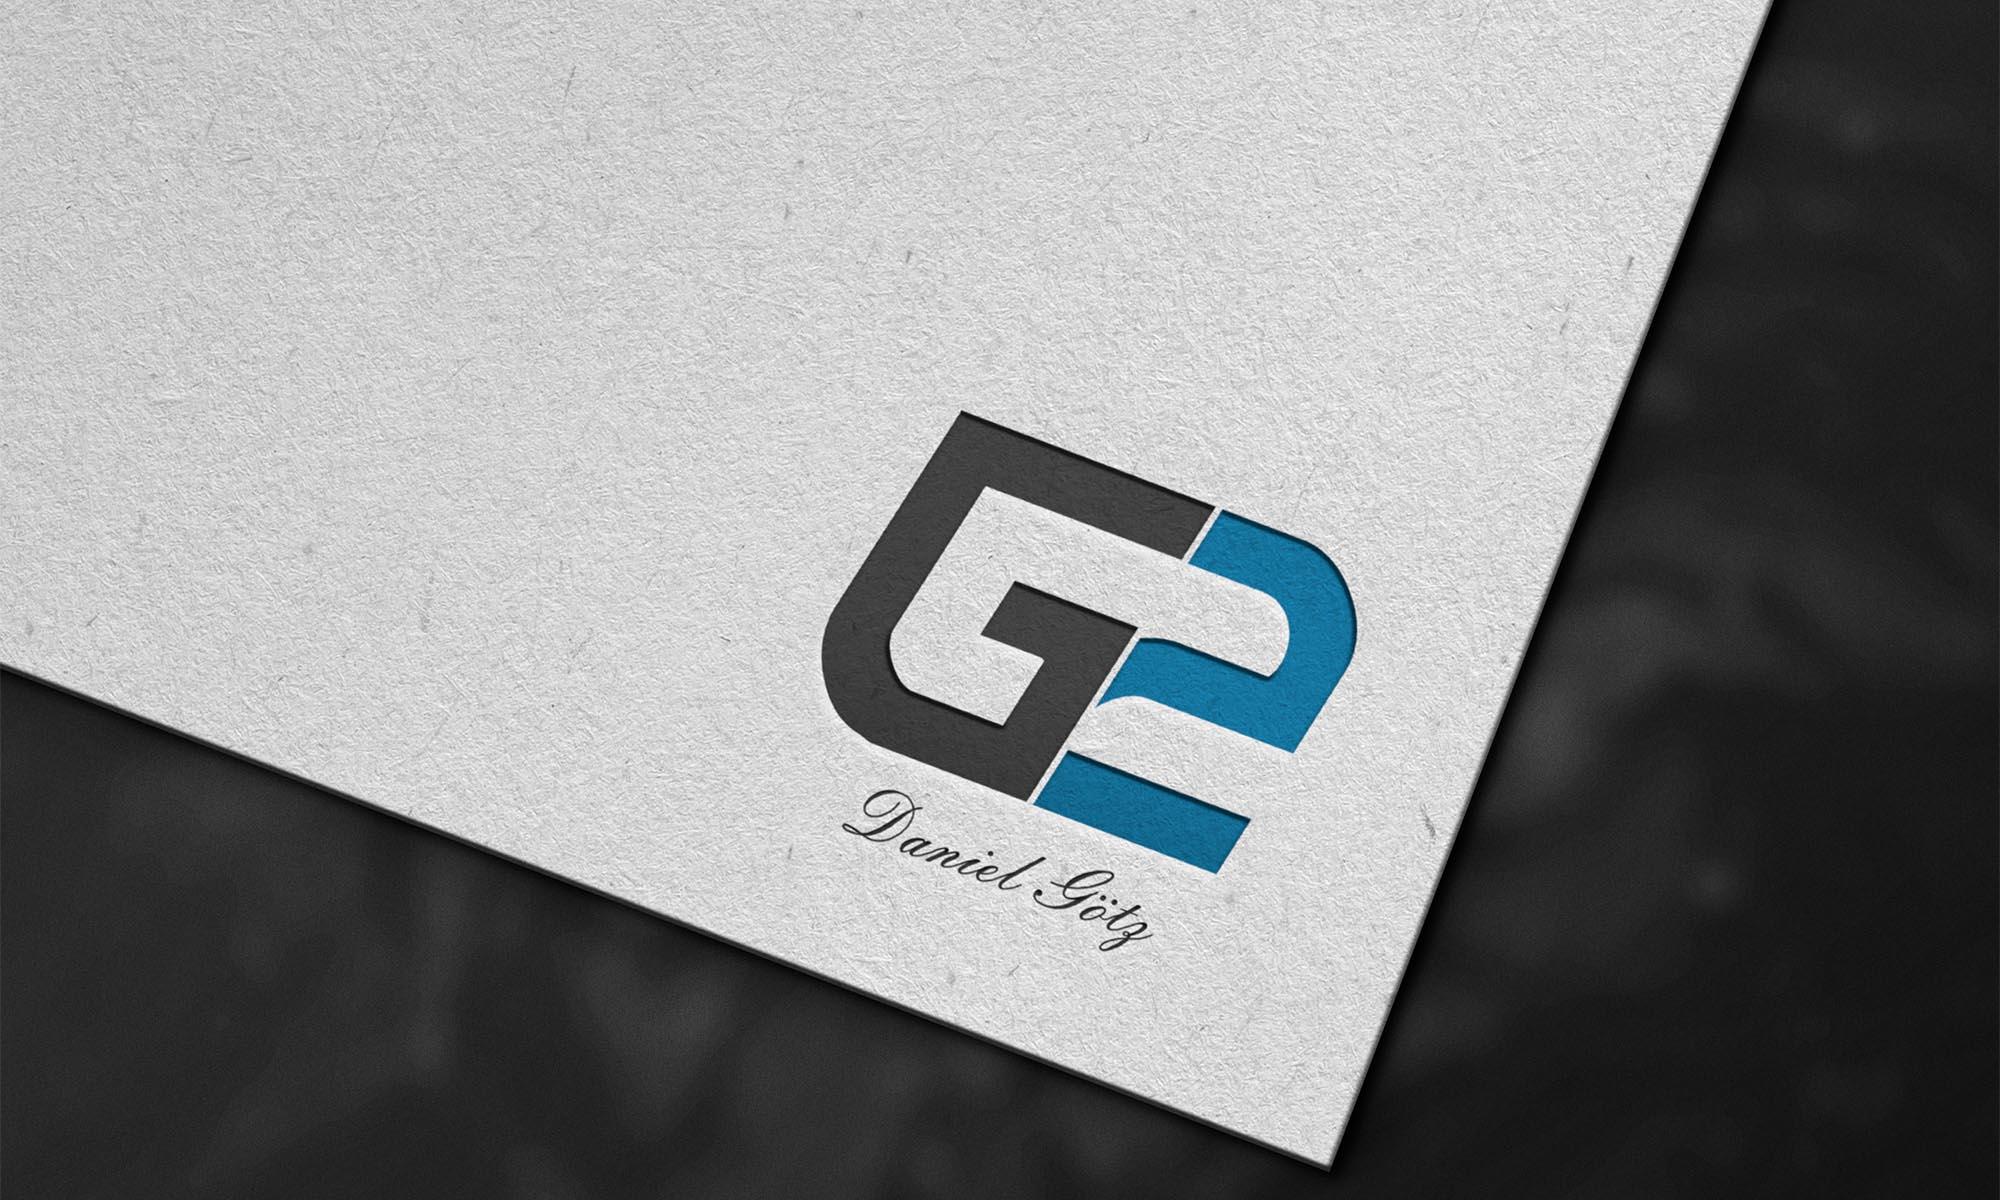 G²raphic